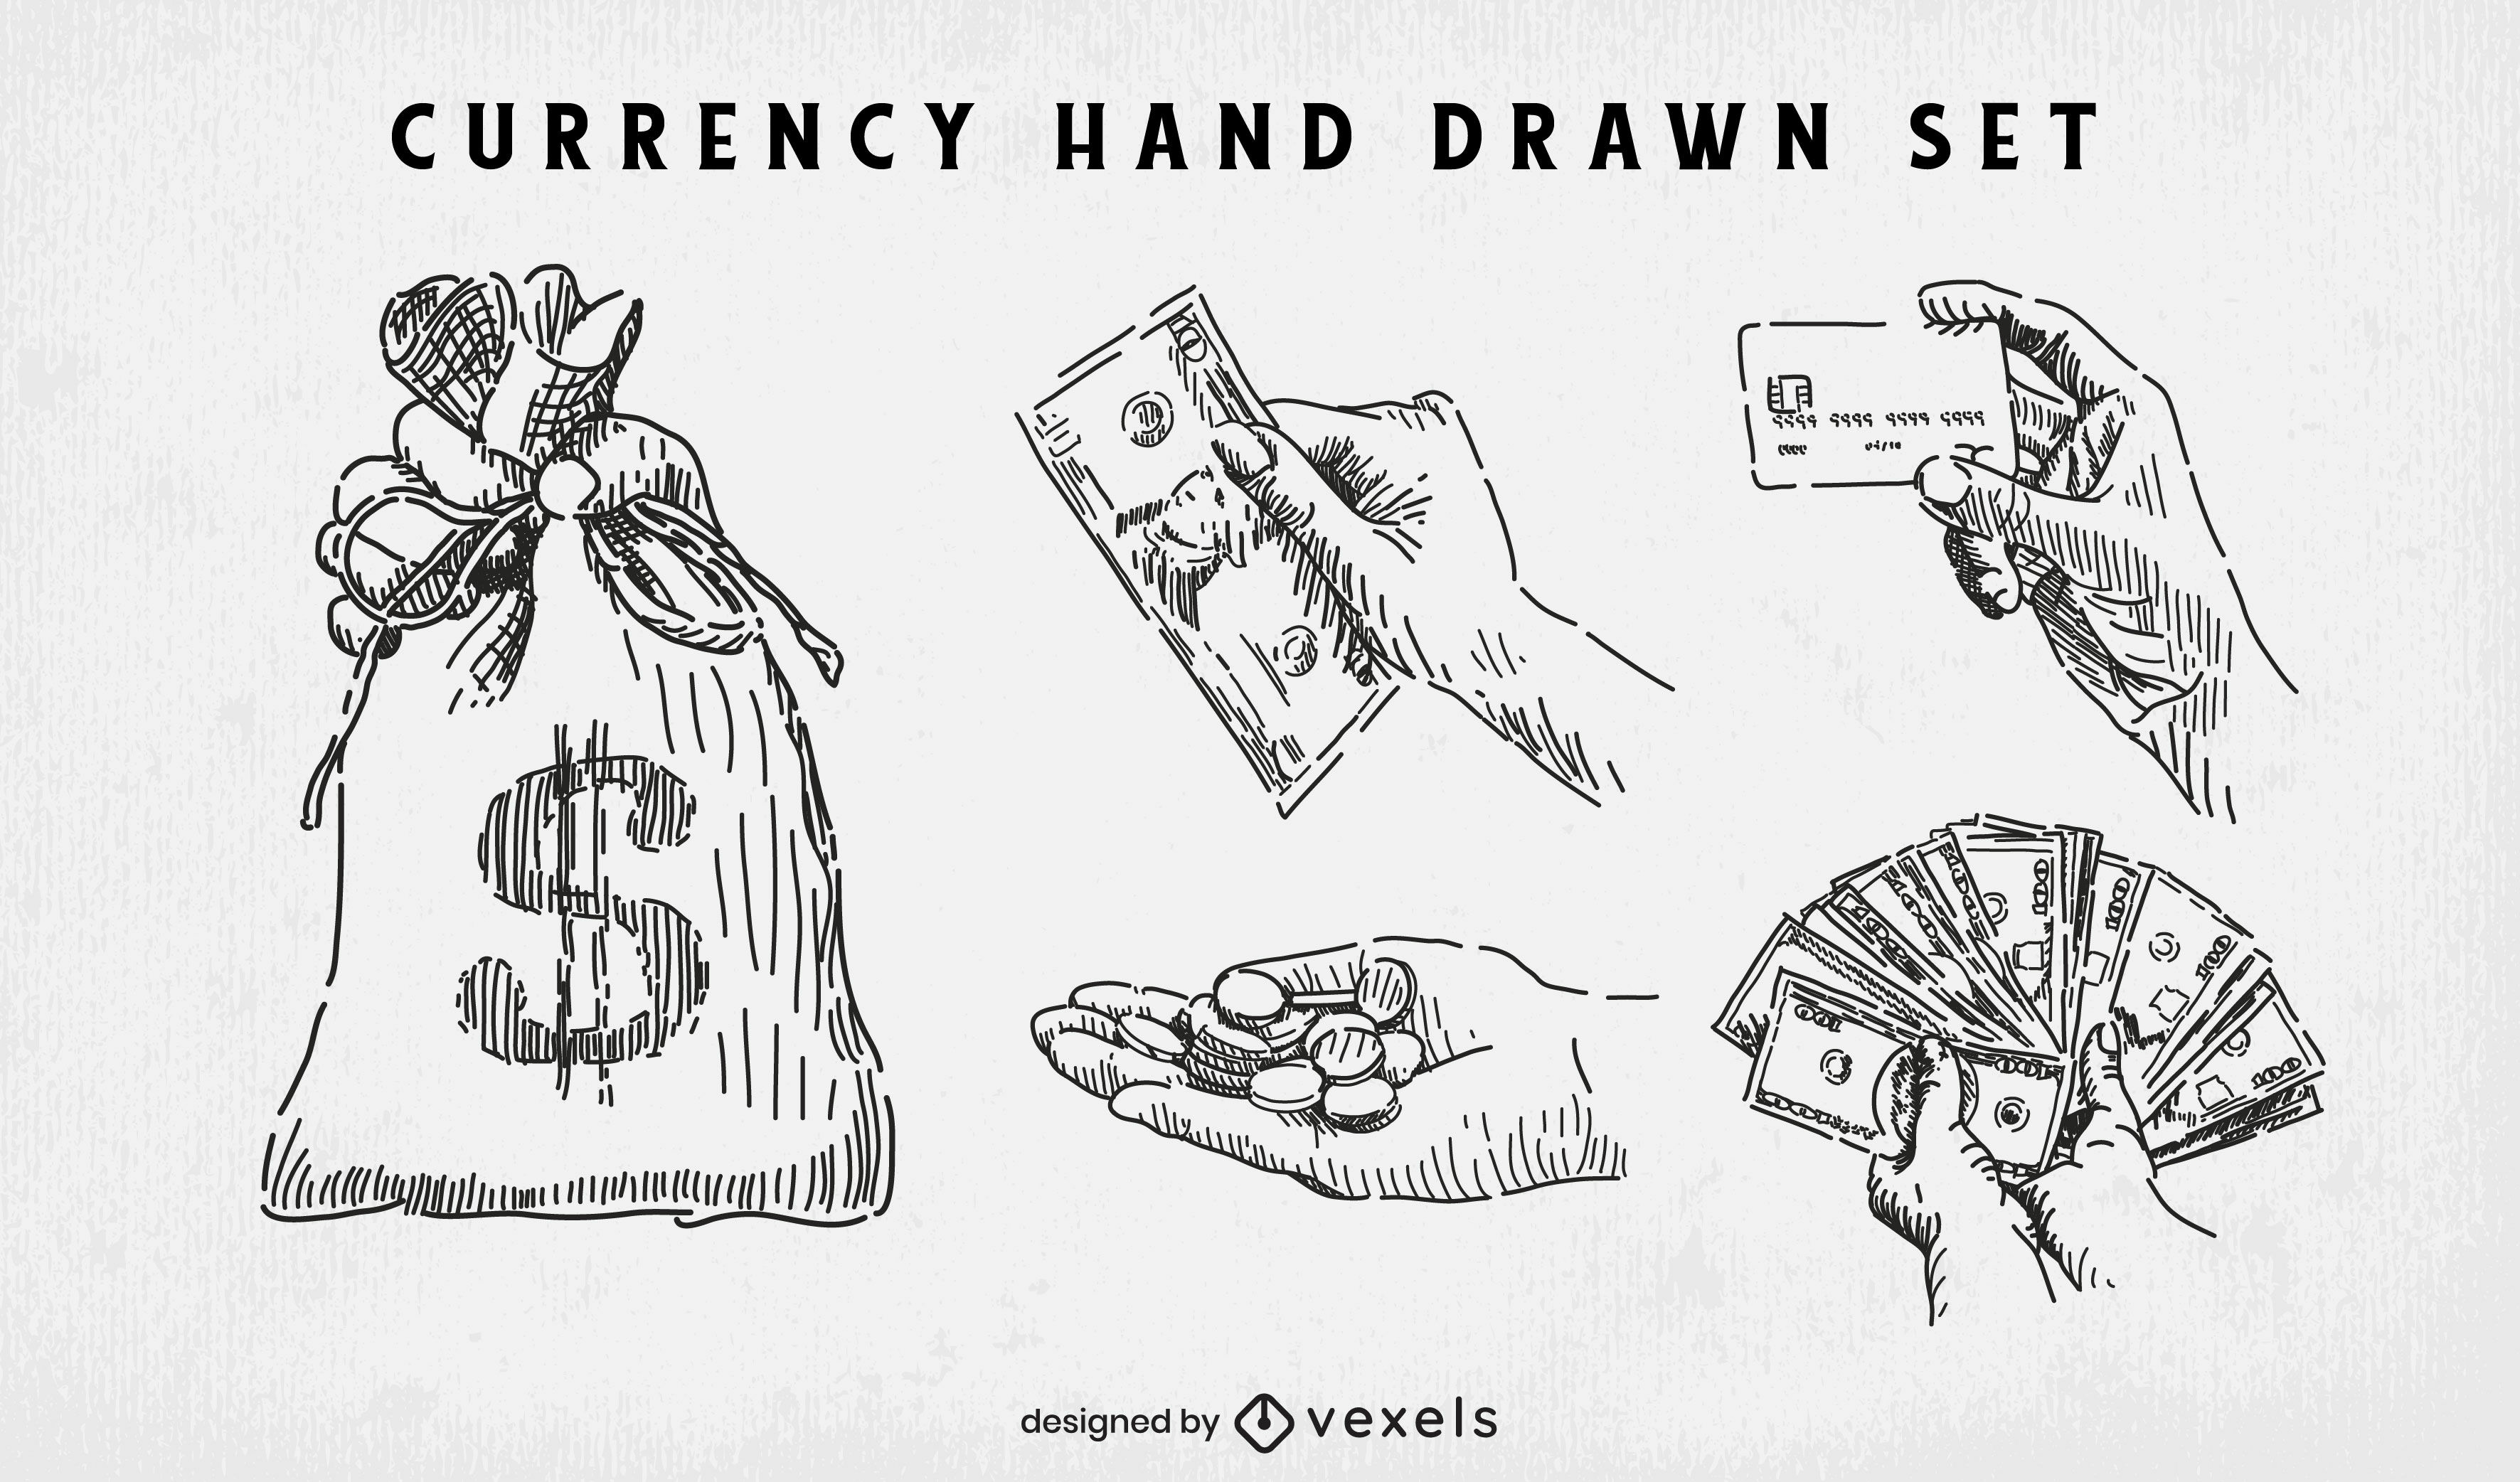 Währung und Geld handgezeichnetes Set